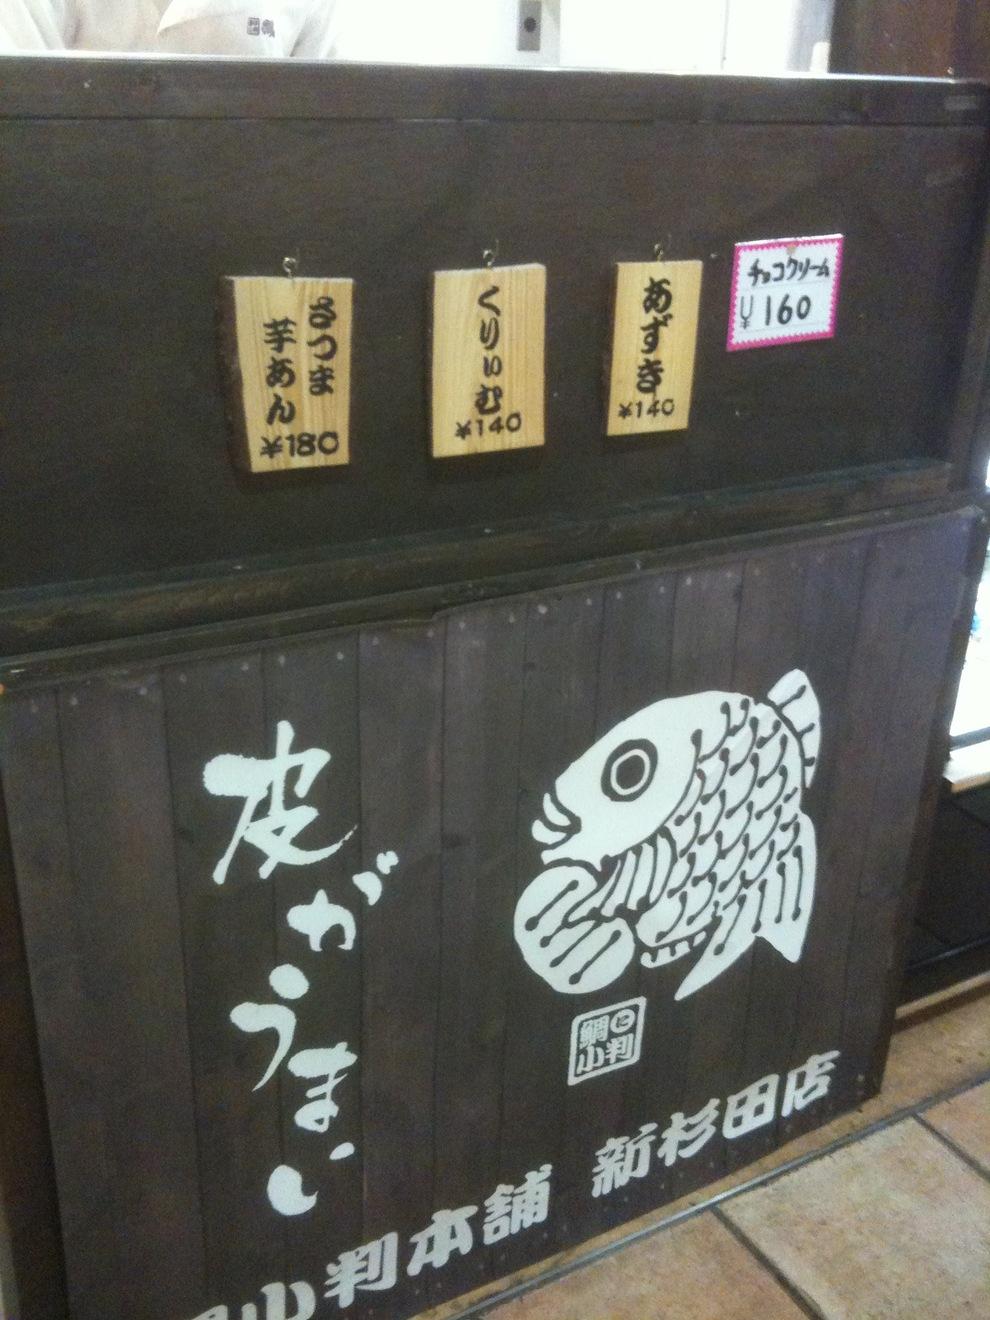 鯛小判本舗 ラビスタ新杉田2F